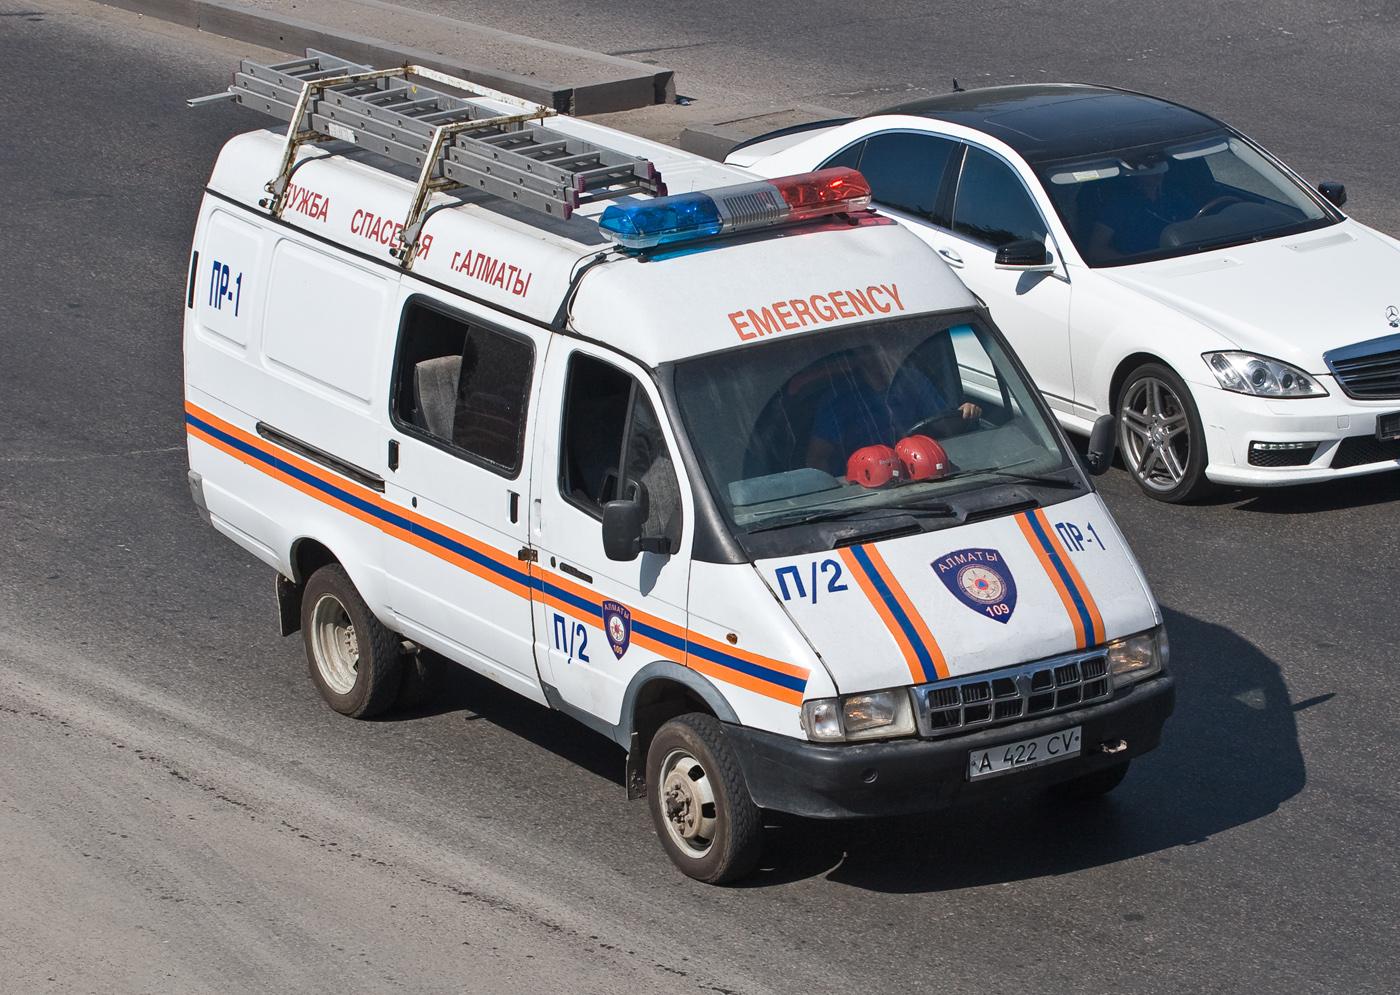 Автомобиль обеспечения пиротехнических работ ПР-1 на базе ГАЗ-27057. Алматы, проспект Рыскулова